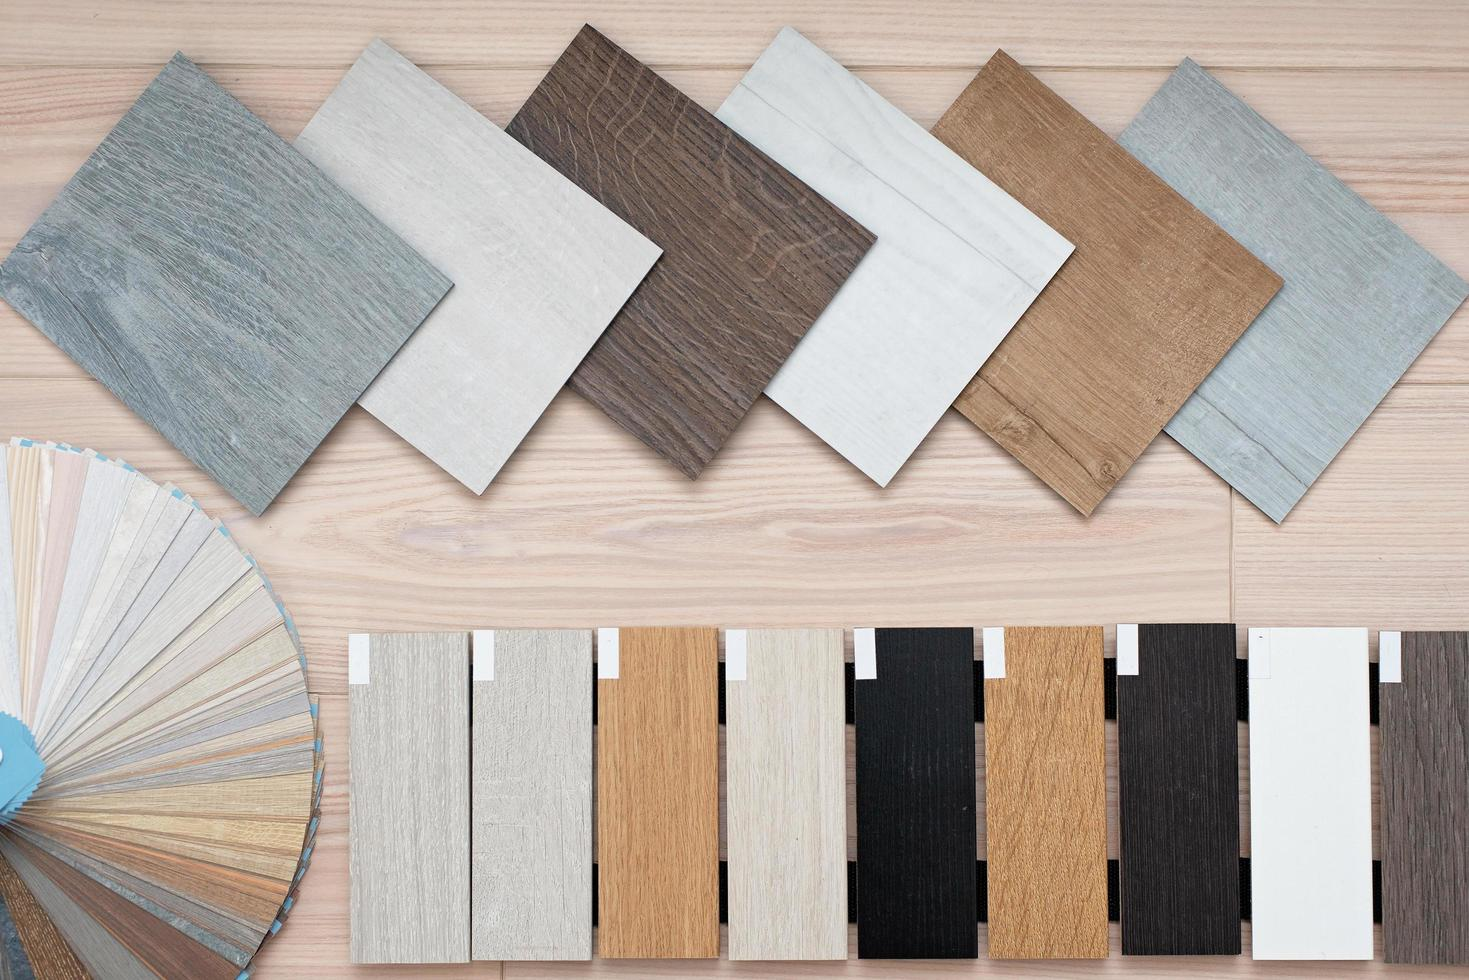 un ejemplo de un catálogo de pavimentos vinílicos de lujo y una paleta de diseño con texturas con un nuevo diseño interior para una casa o suelo sobre un fondo de madera clara. foto